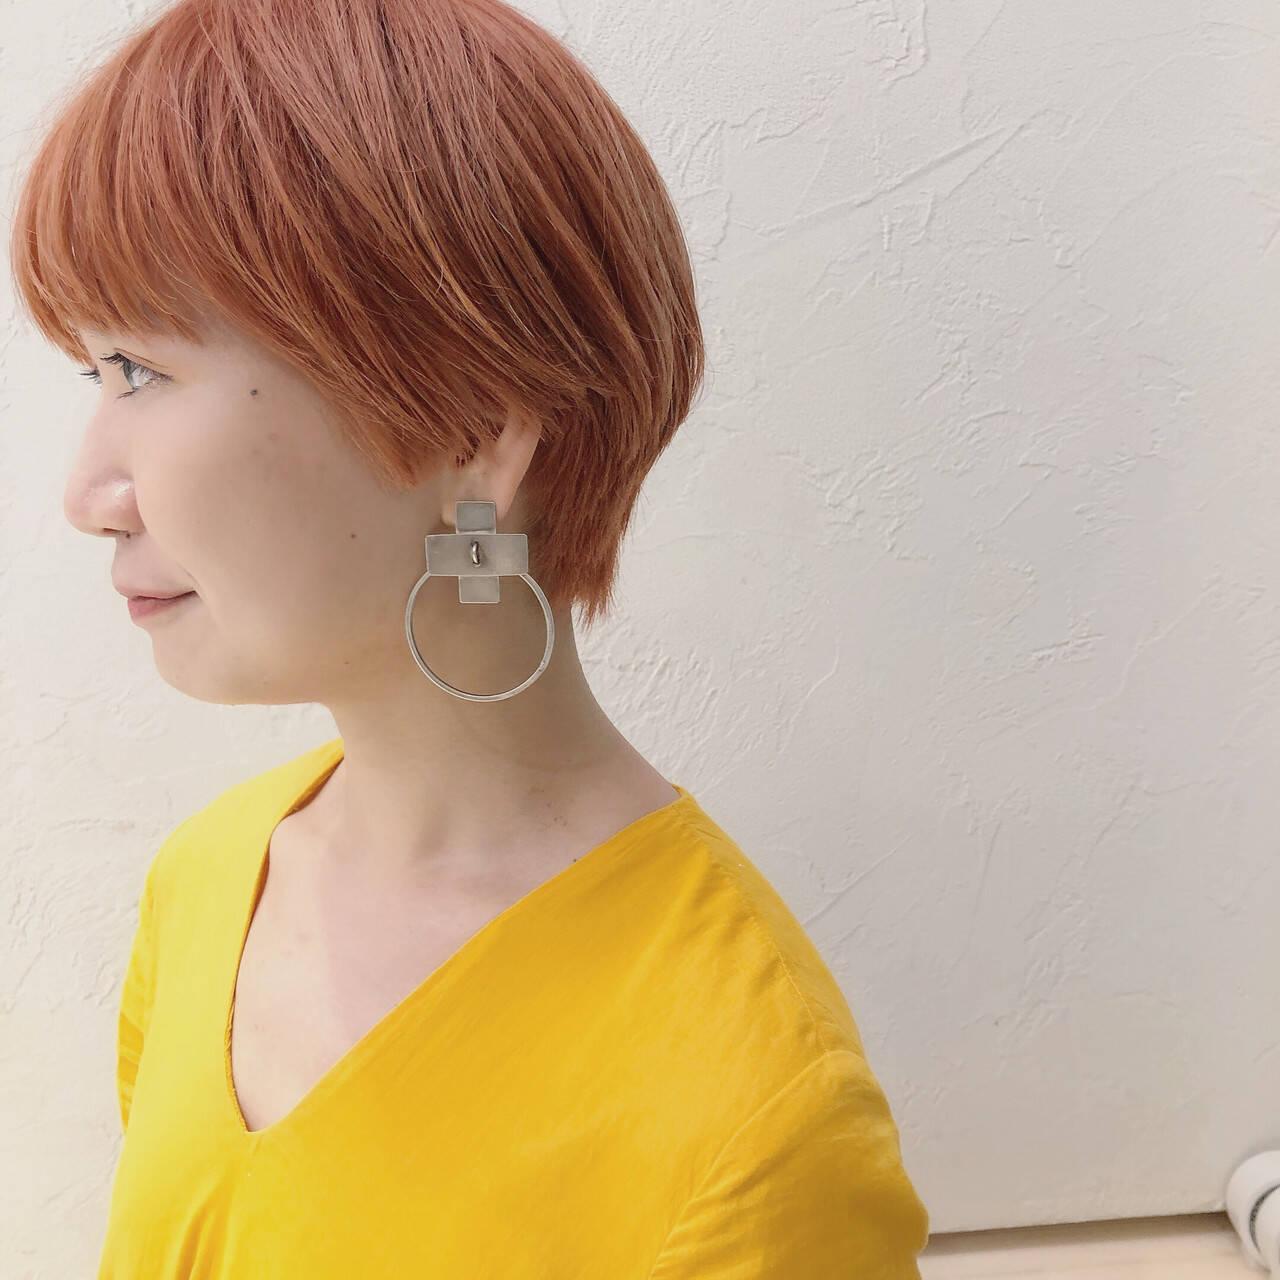 オレンジベージュ ストリート サーモンピンク ショートヘアスタイルや髪型の写真・画像